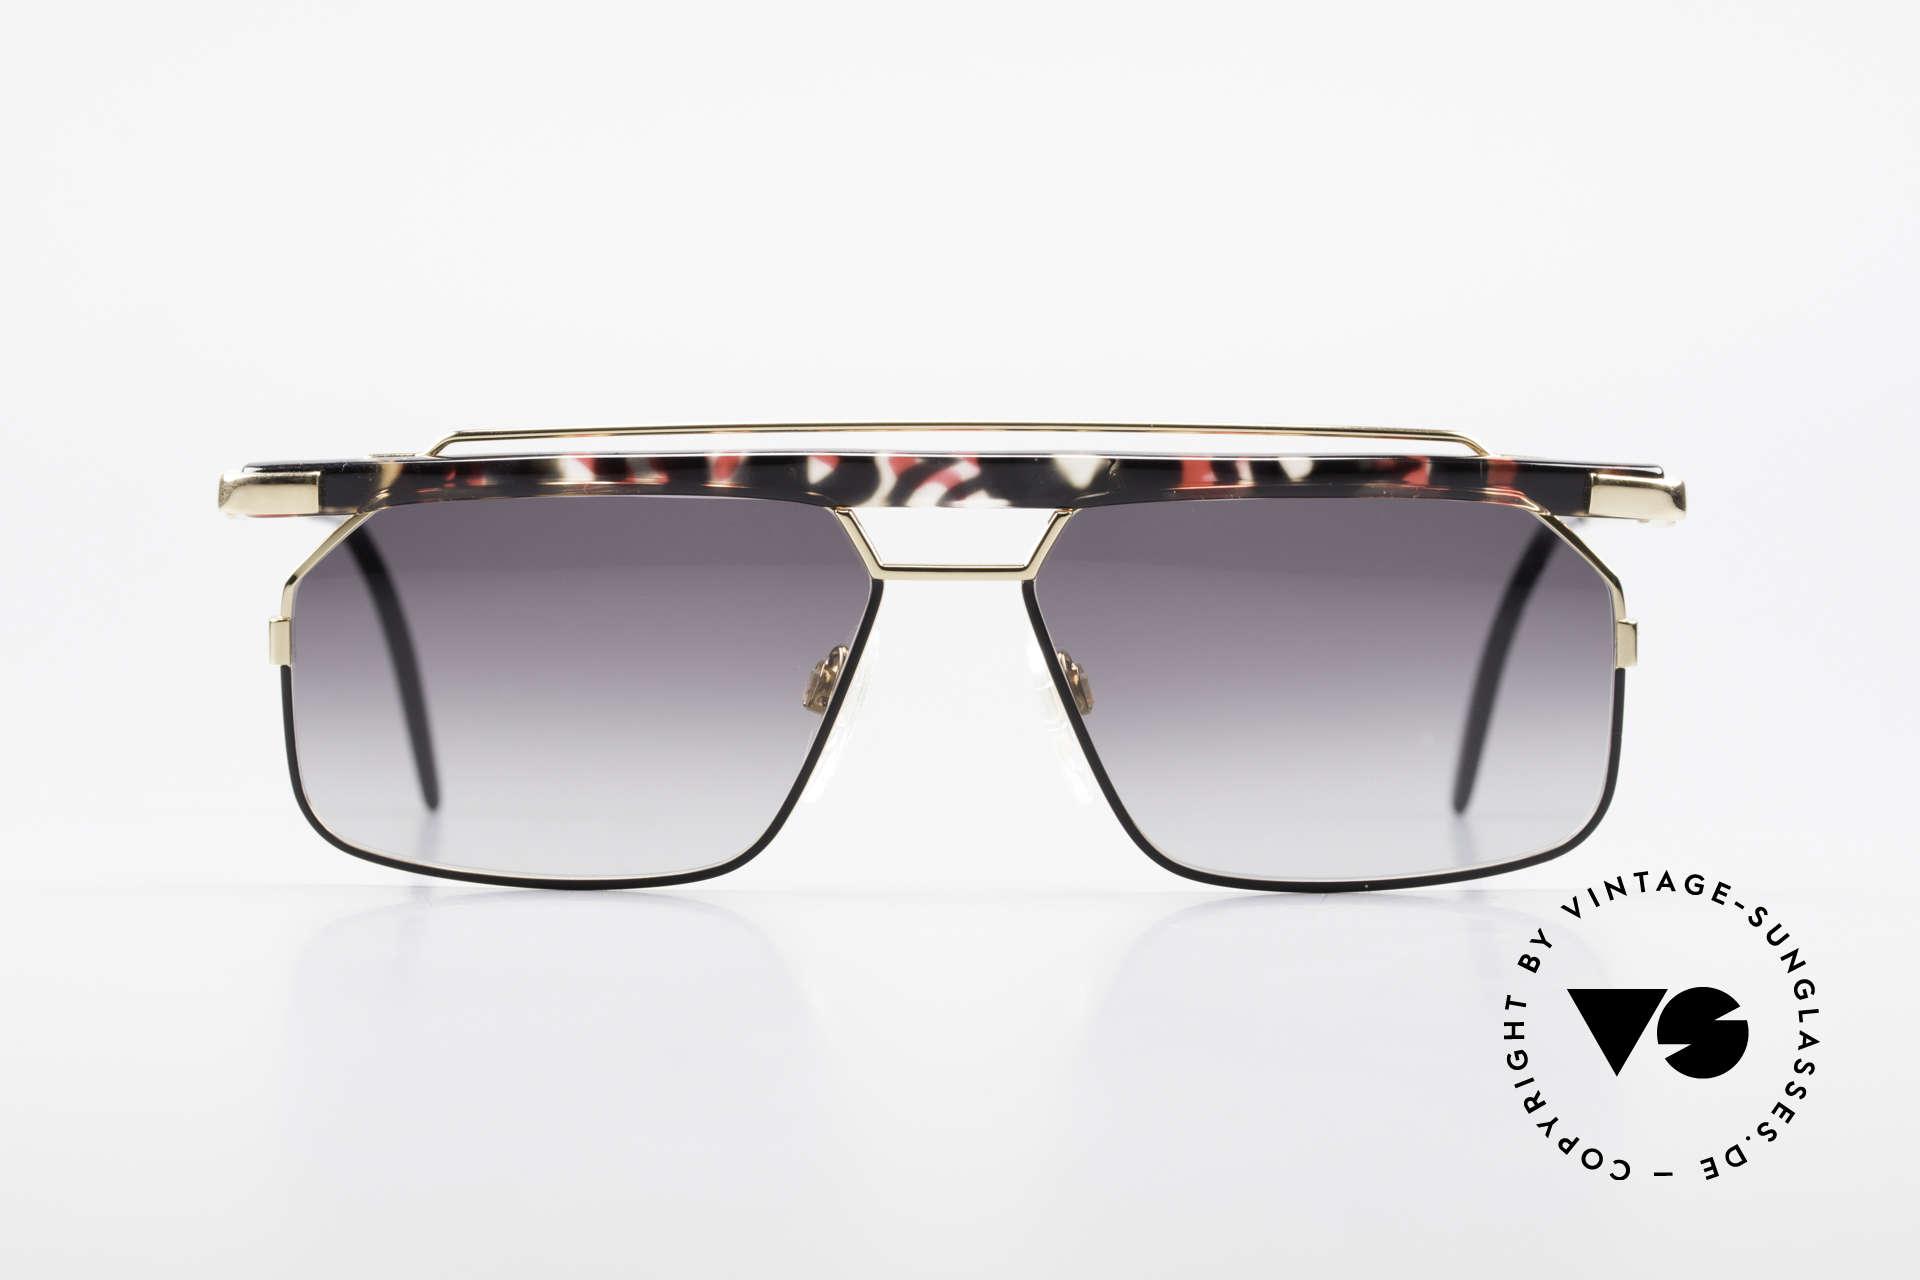 Cazal 752 Rare Vintage Sonnenbrille 90er, eines der letzten echten CAri ZALloni (RIP) Modelle, Passend für Herren